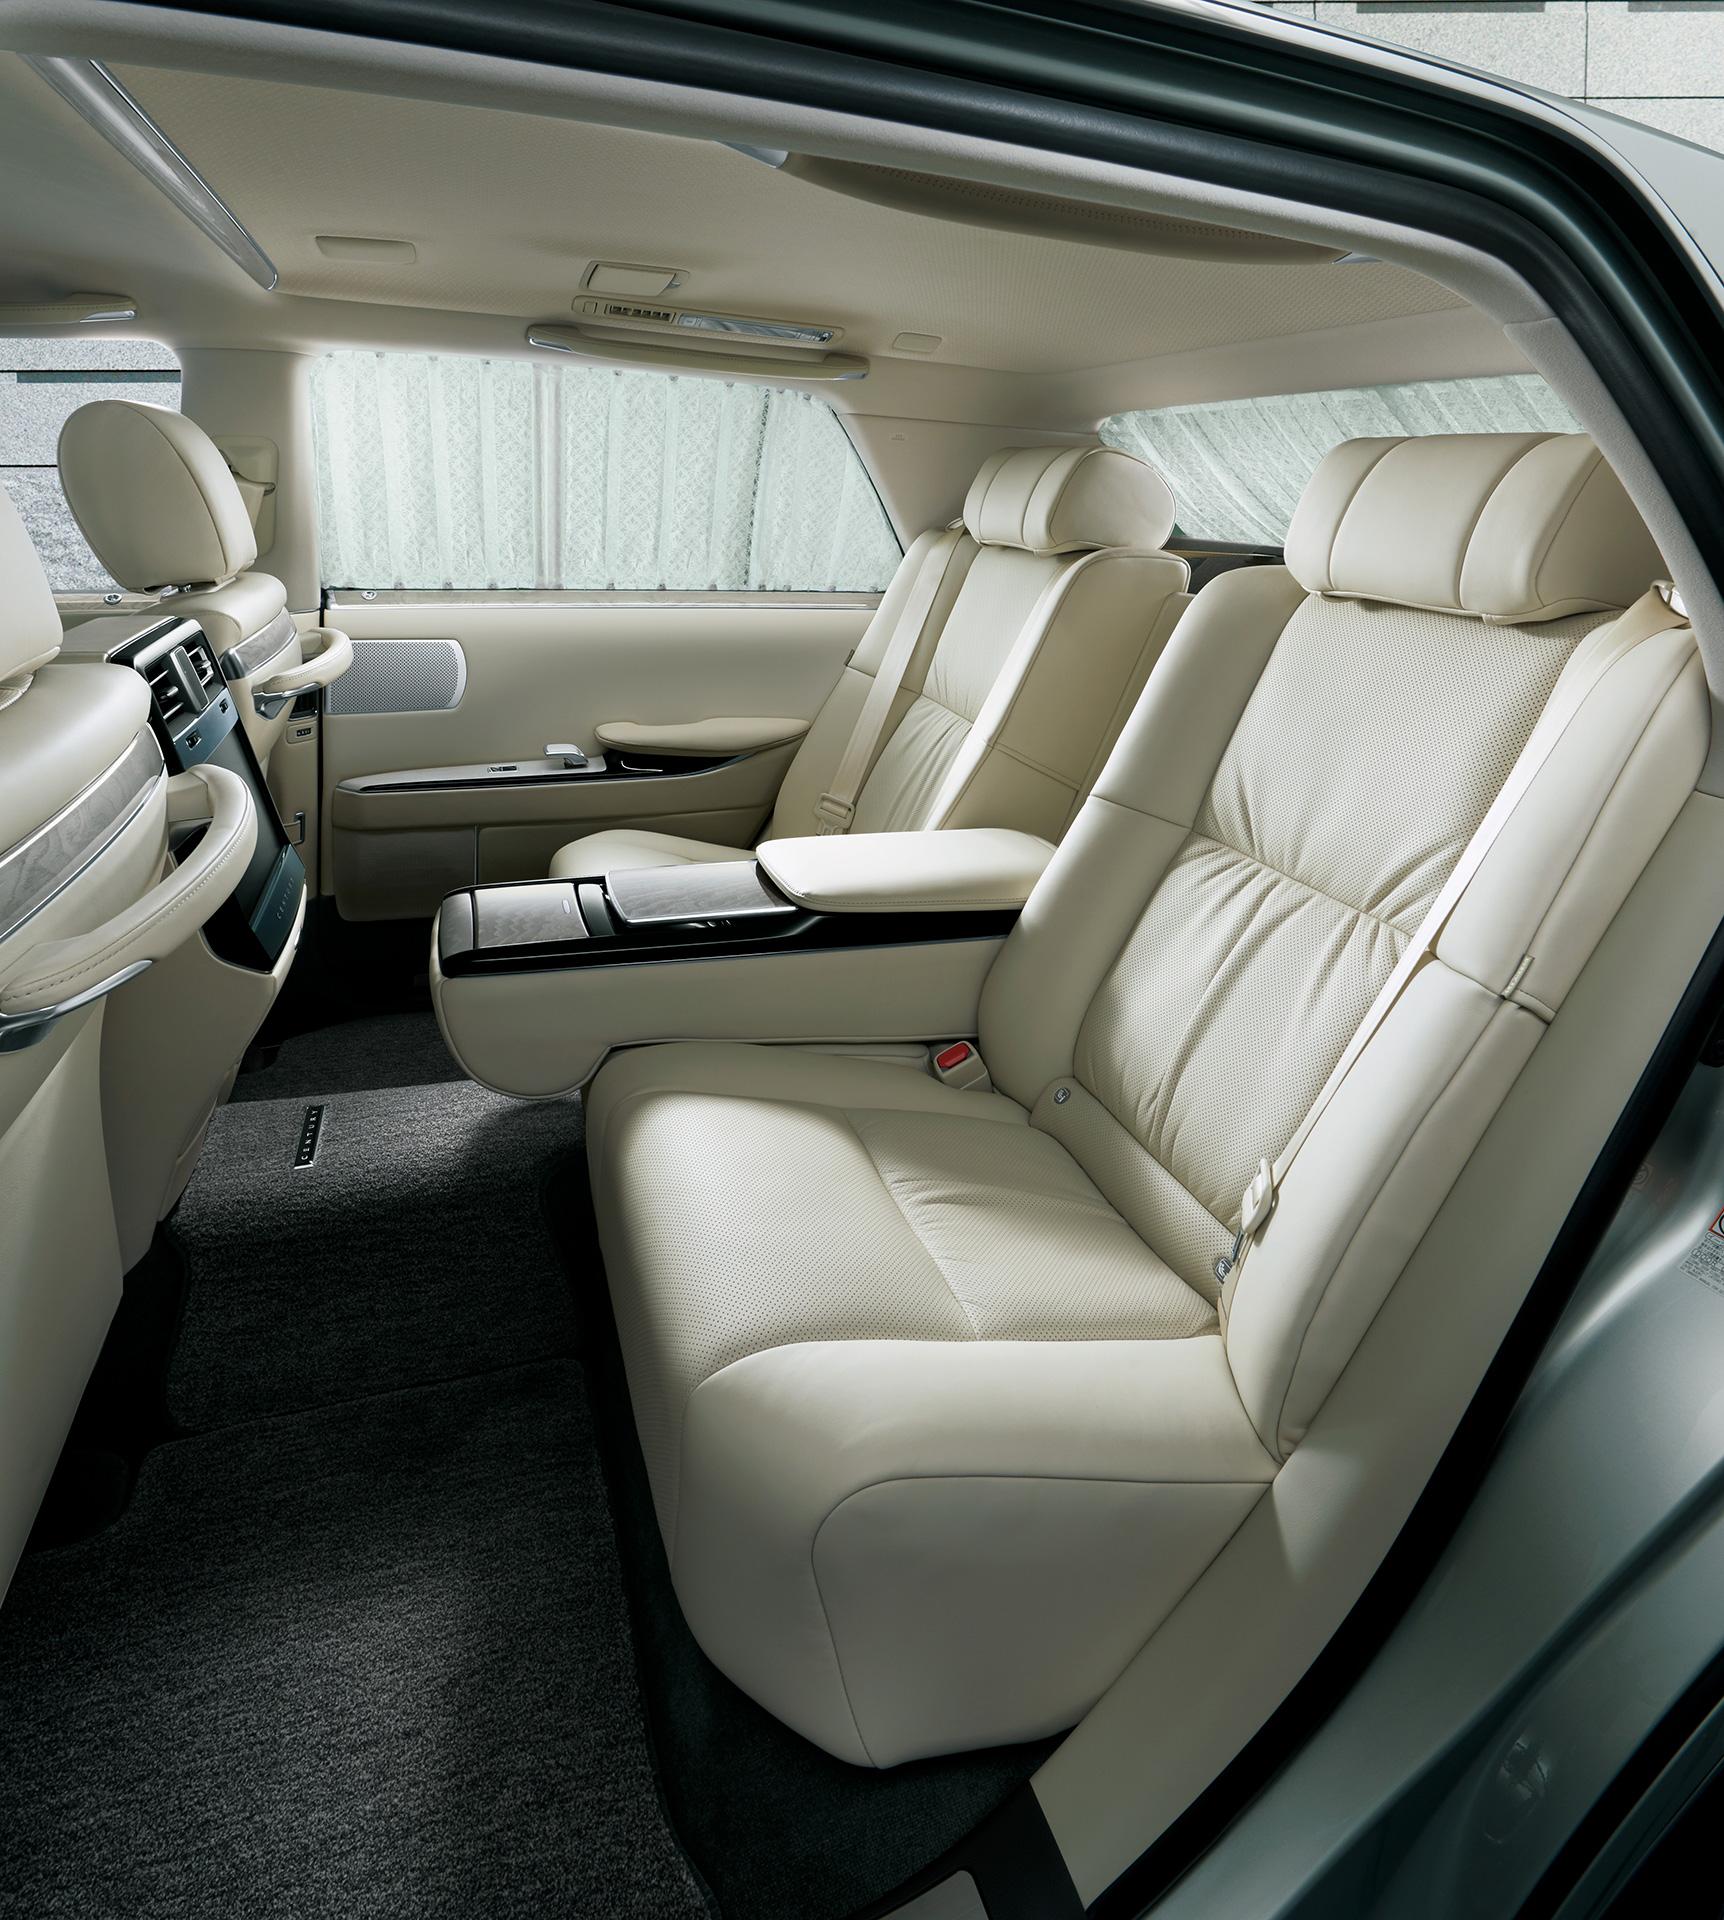 「【新車】新型トヨタ・センチュリーの快適性と「折り上げ天井様式」を採用した天井に注目」の7枚目の画像